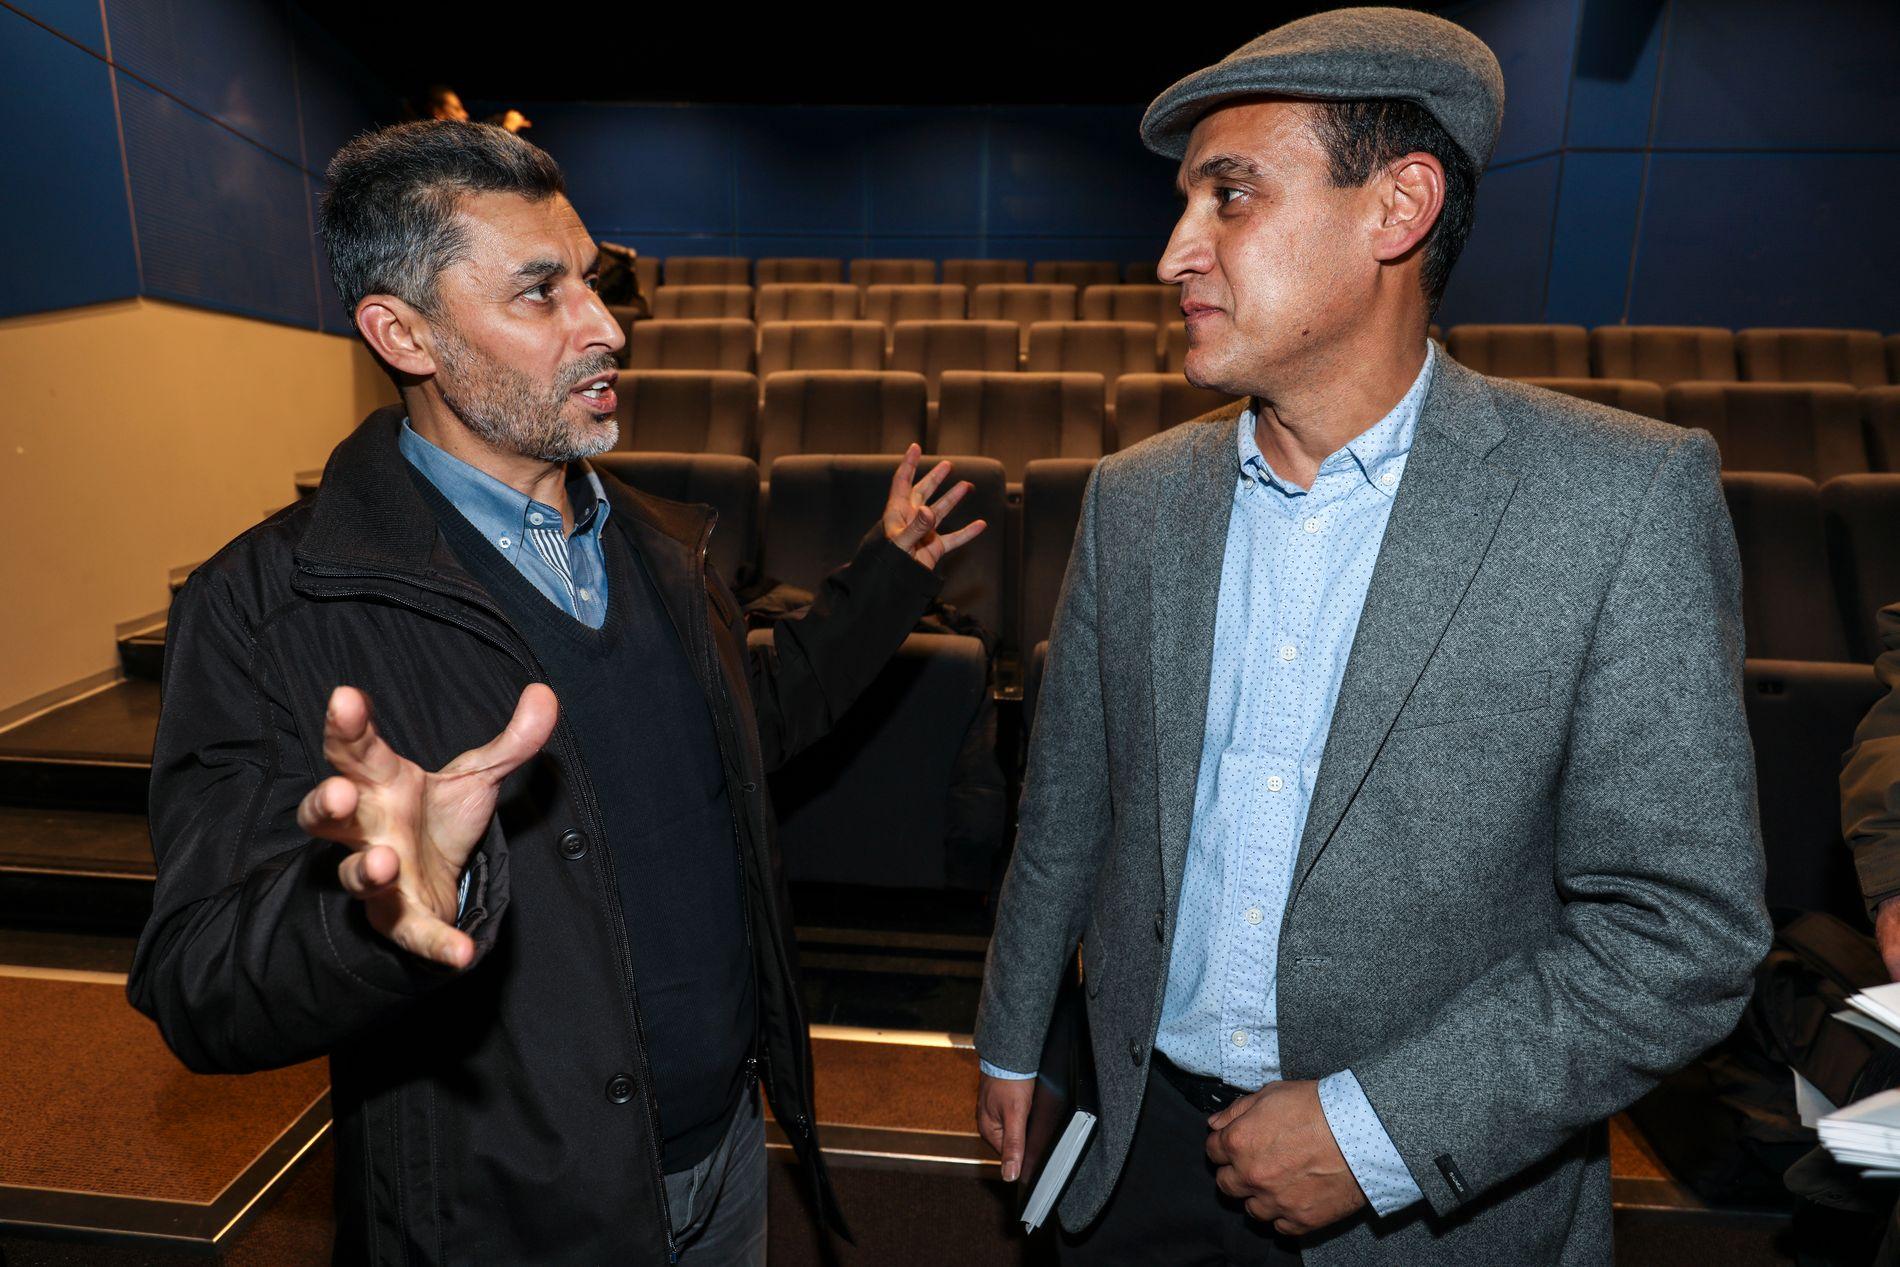 MOSKÉ-LEDER MØTTE FORSKER: Styreleder Basim Ghozlan i Det Islamske Forbundet, som driver Rabitamoskéen i Oslo, møtte forskeren Masoud Ebrahimnejad (til høyre) under presentasjonen av sistnevntes moské-kartlegging.